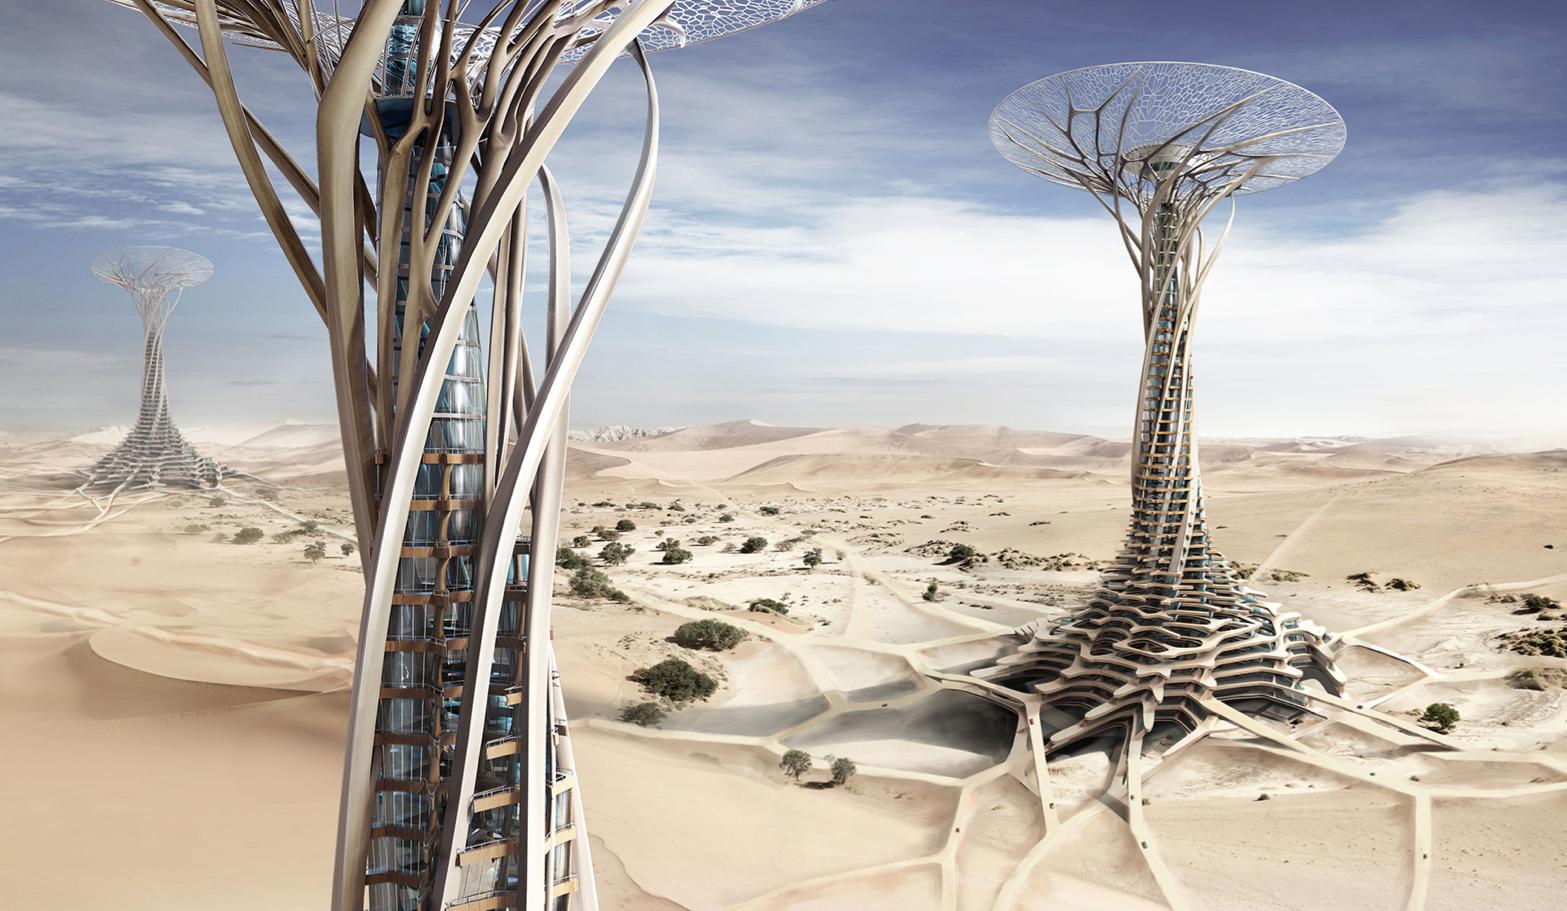 Futuristic Skyscrapers!